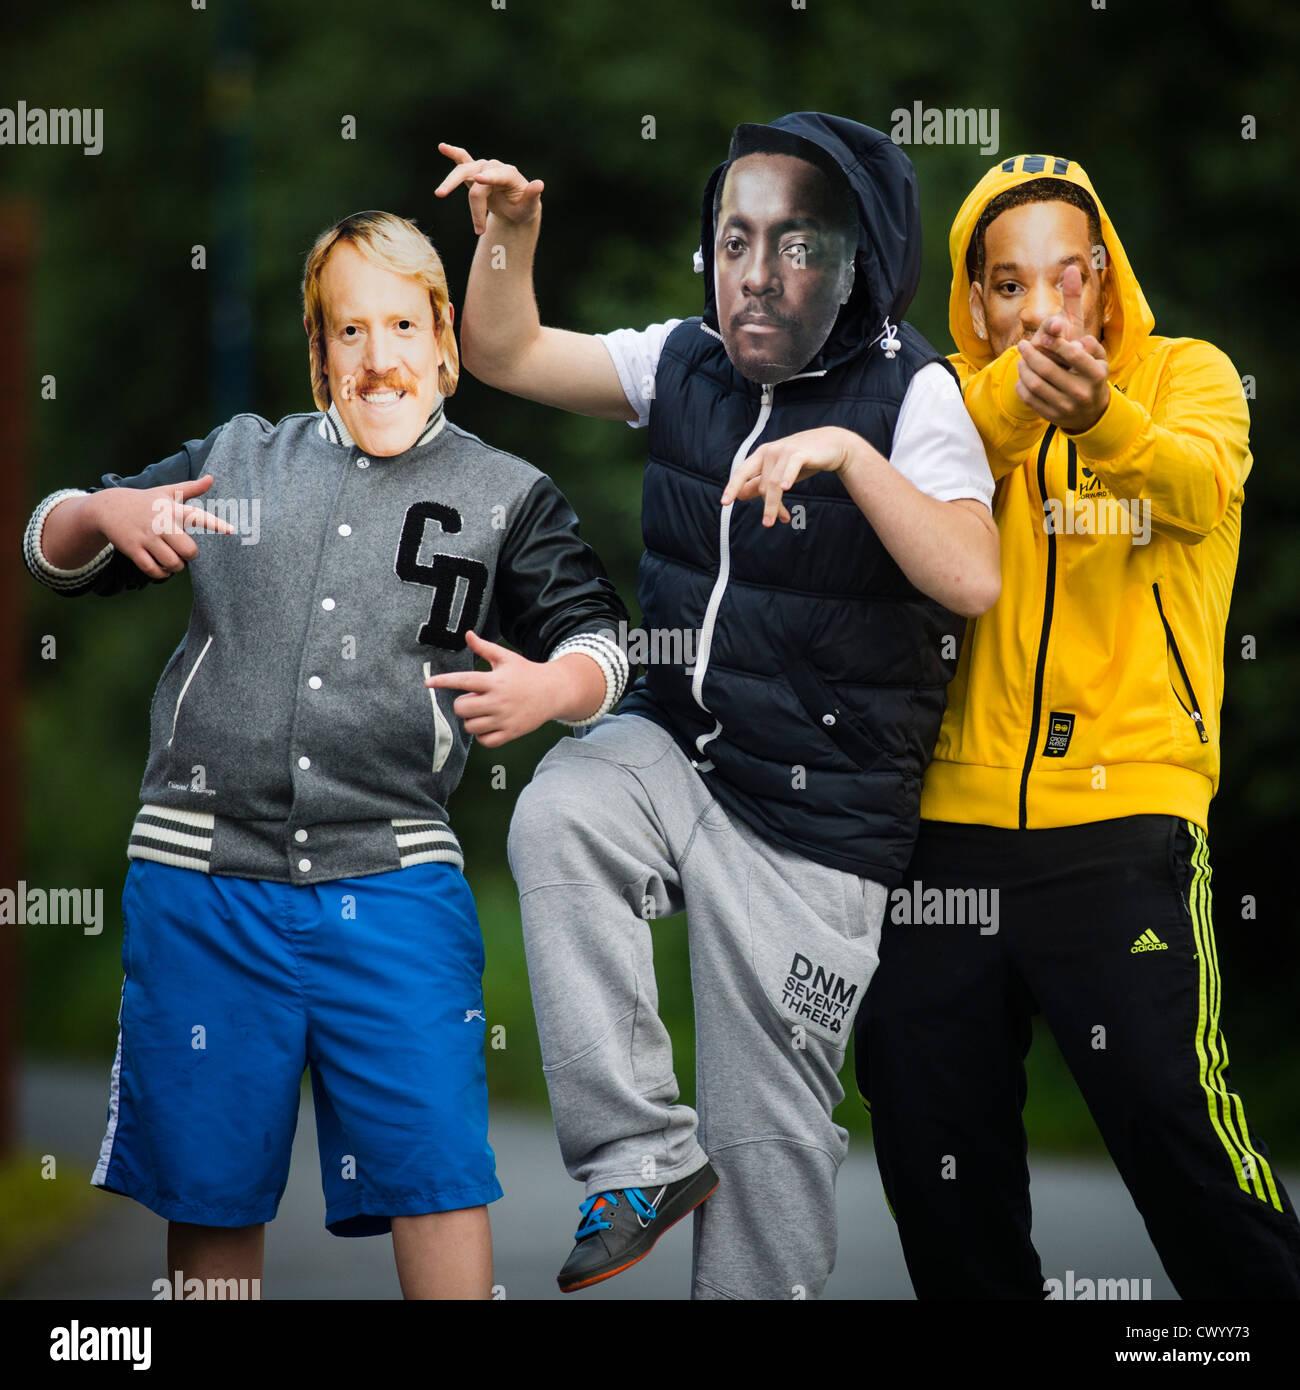 Tre ragazzi adolescenti indossando 'celebrità' maschere - Keith Lennon, Will Smith e.I.am, REGNO UNITO Immagini Stock